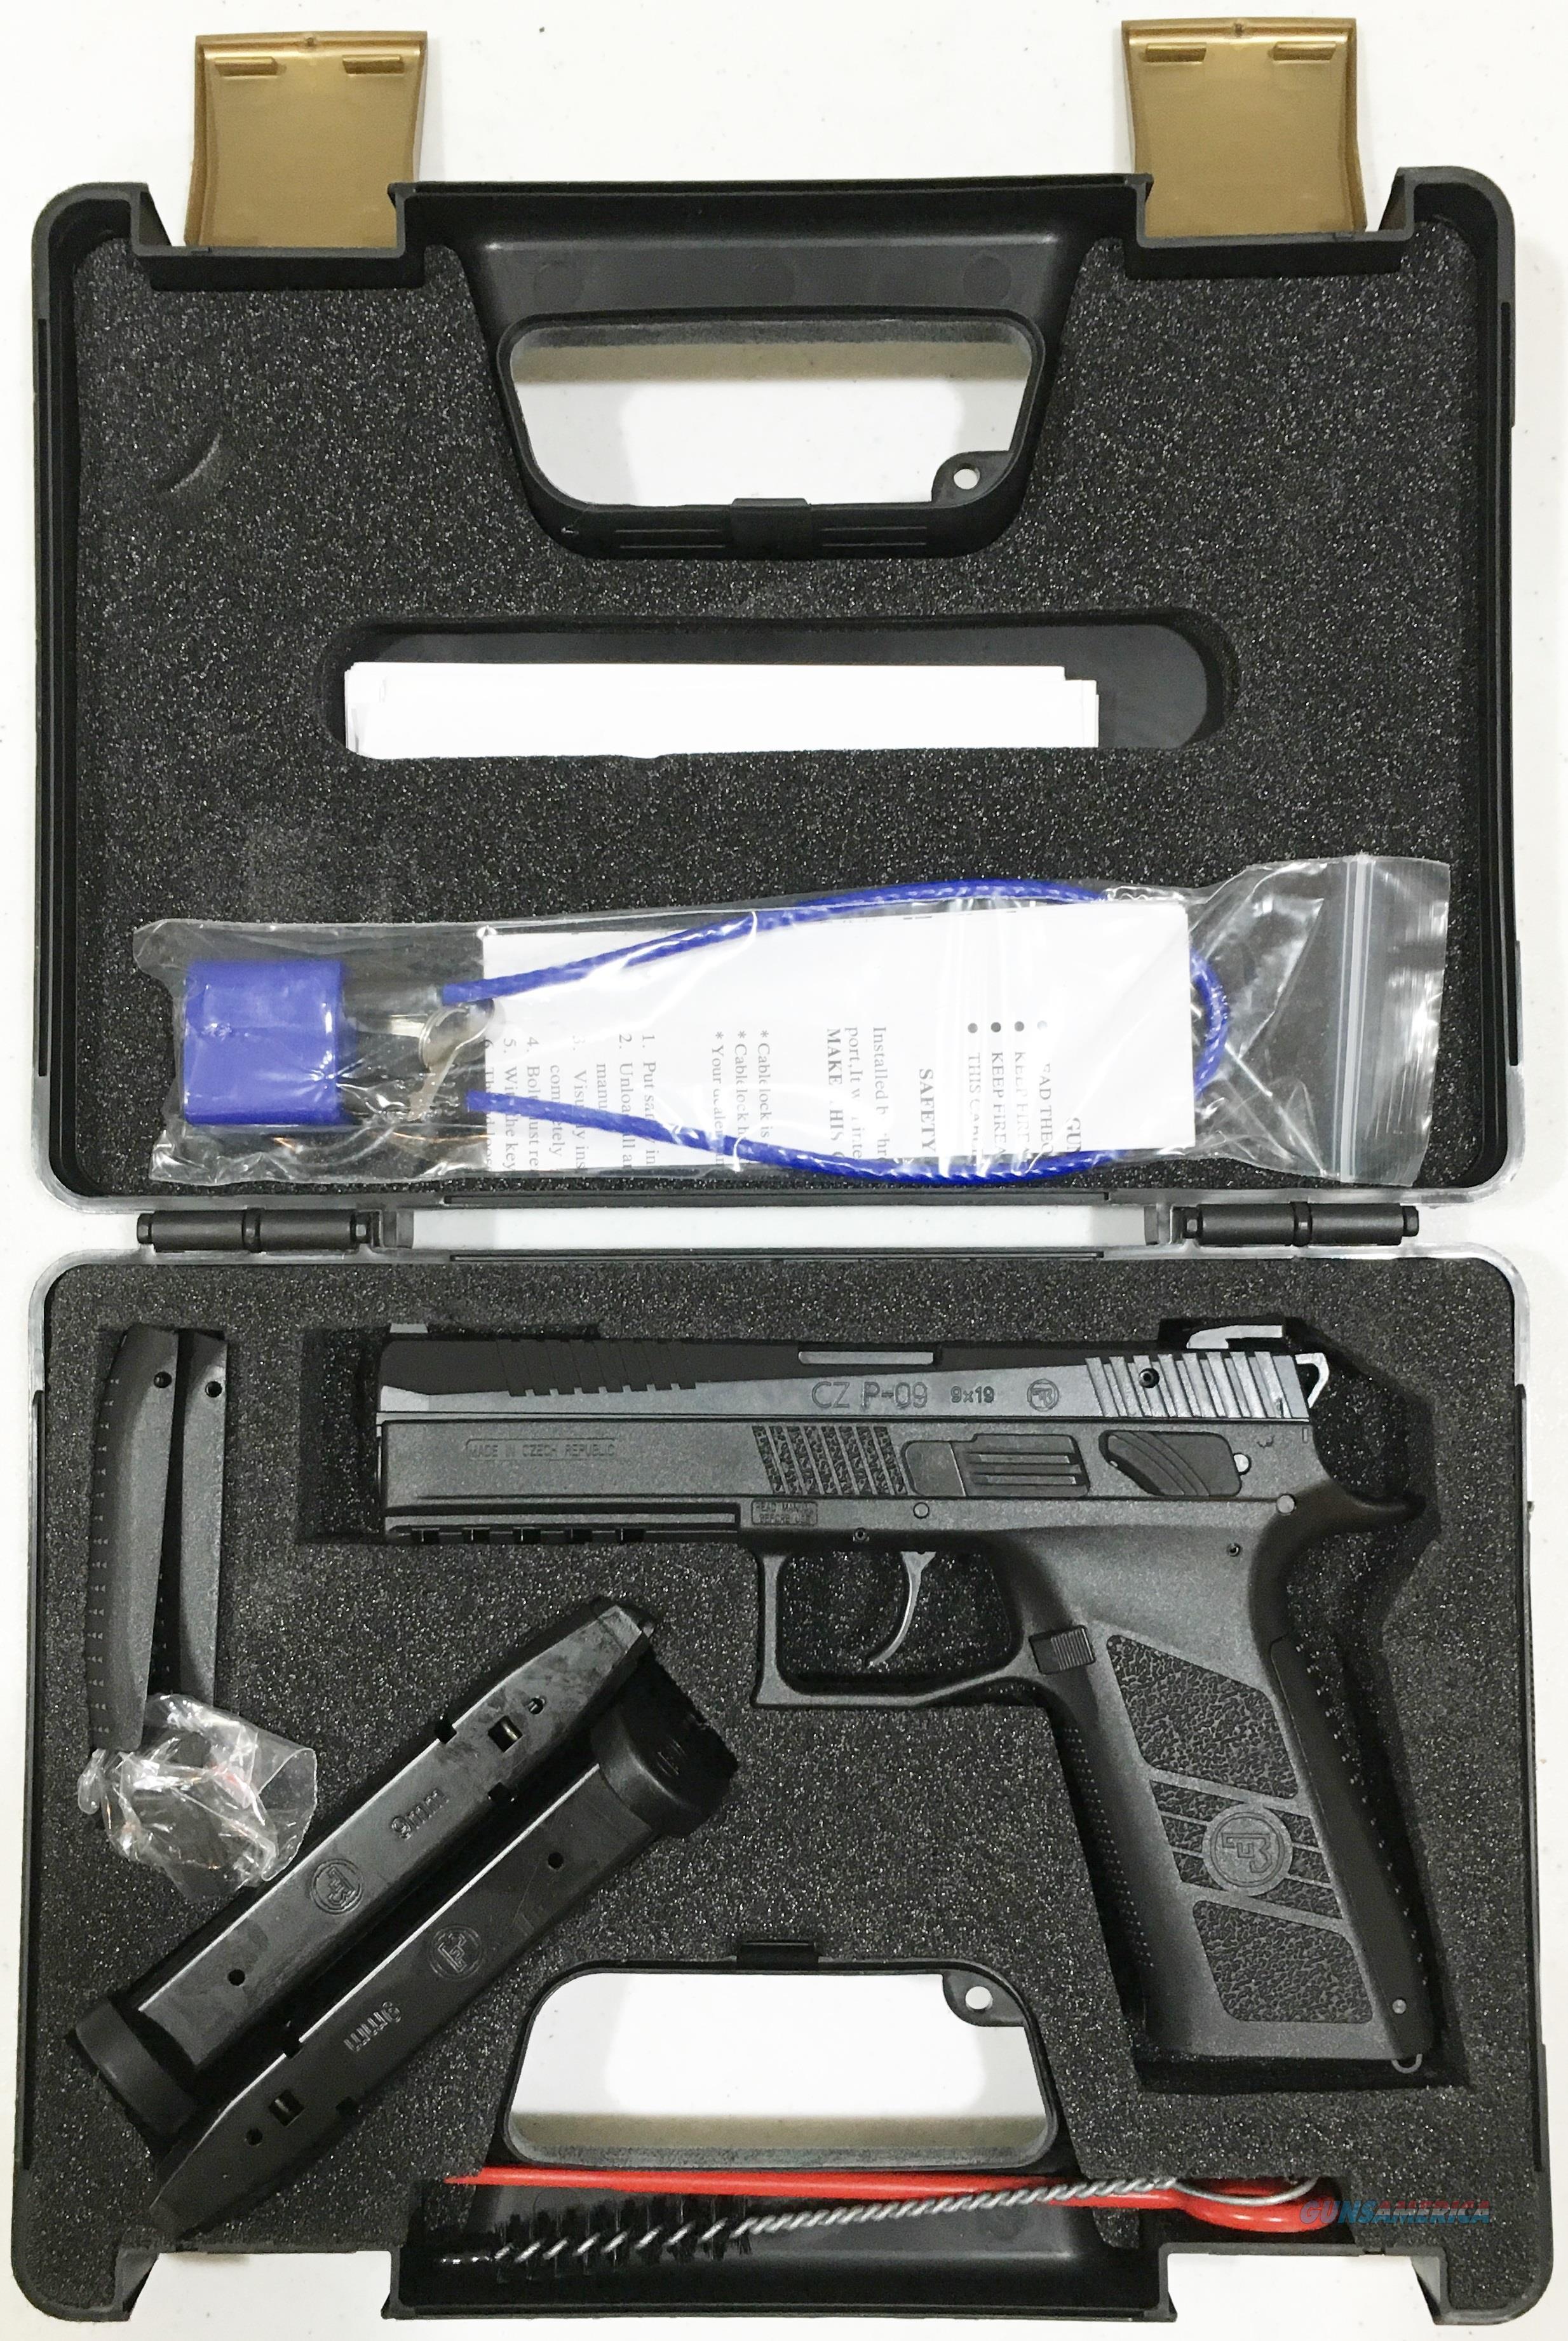 CZ P-09  40 S&W Pistol - New in Box